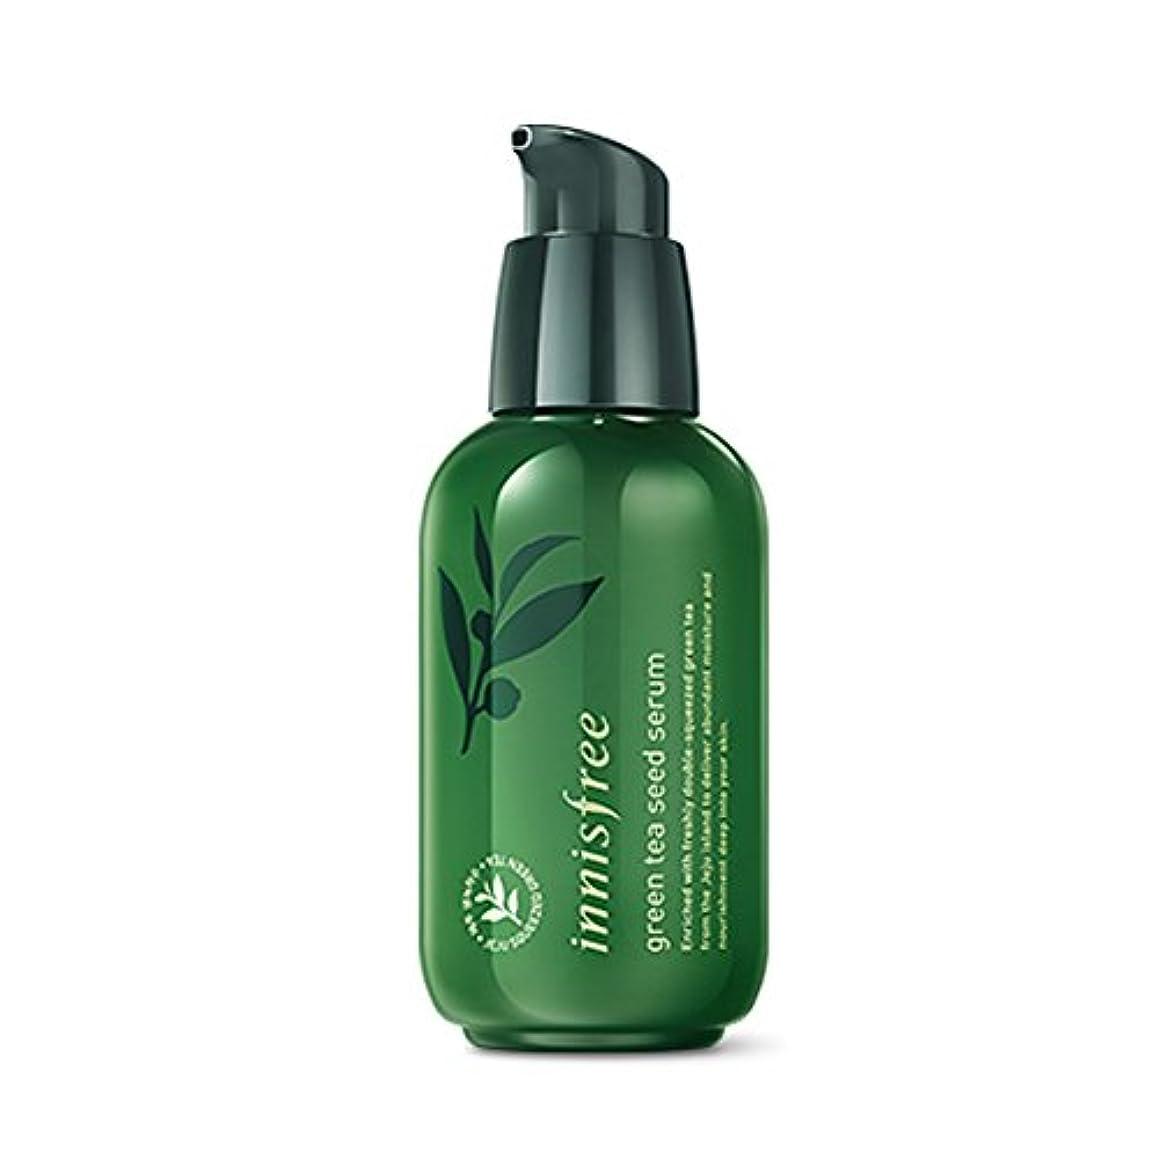 異常旅行者アラブイニスフリーグリーンティーシードセラム80ml「2018新製品」 Innisfree The Green Tea Seed serum 80ml